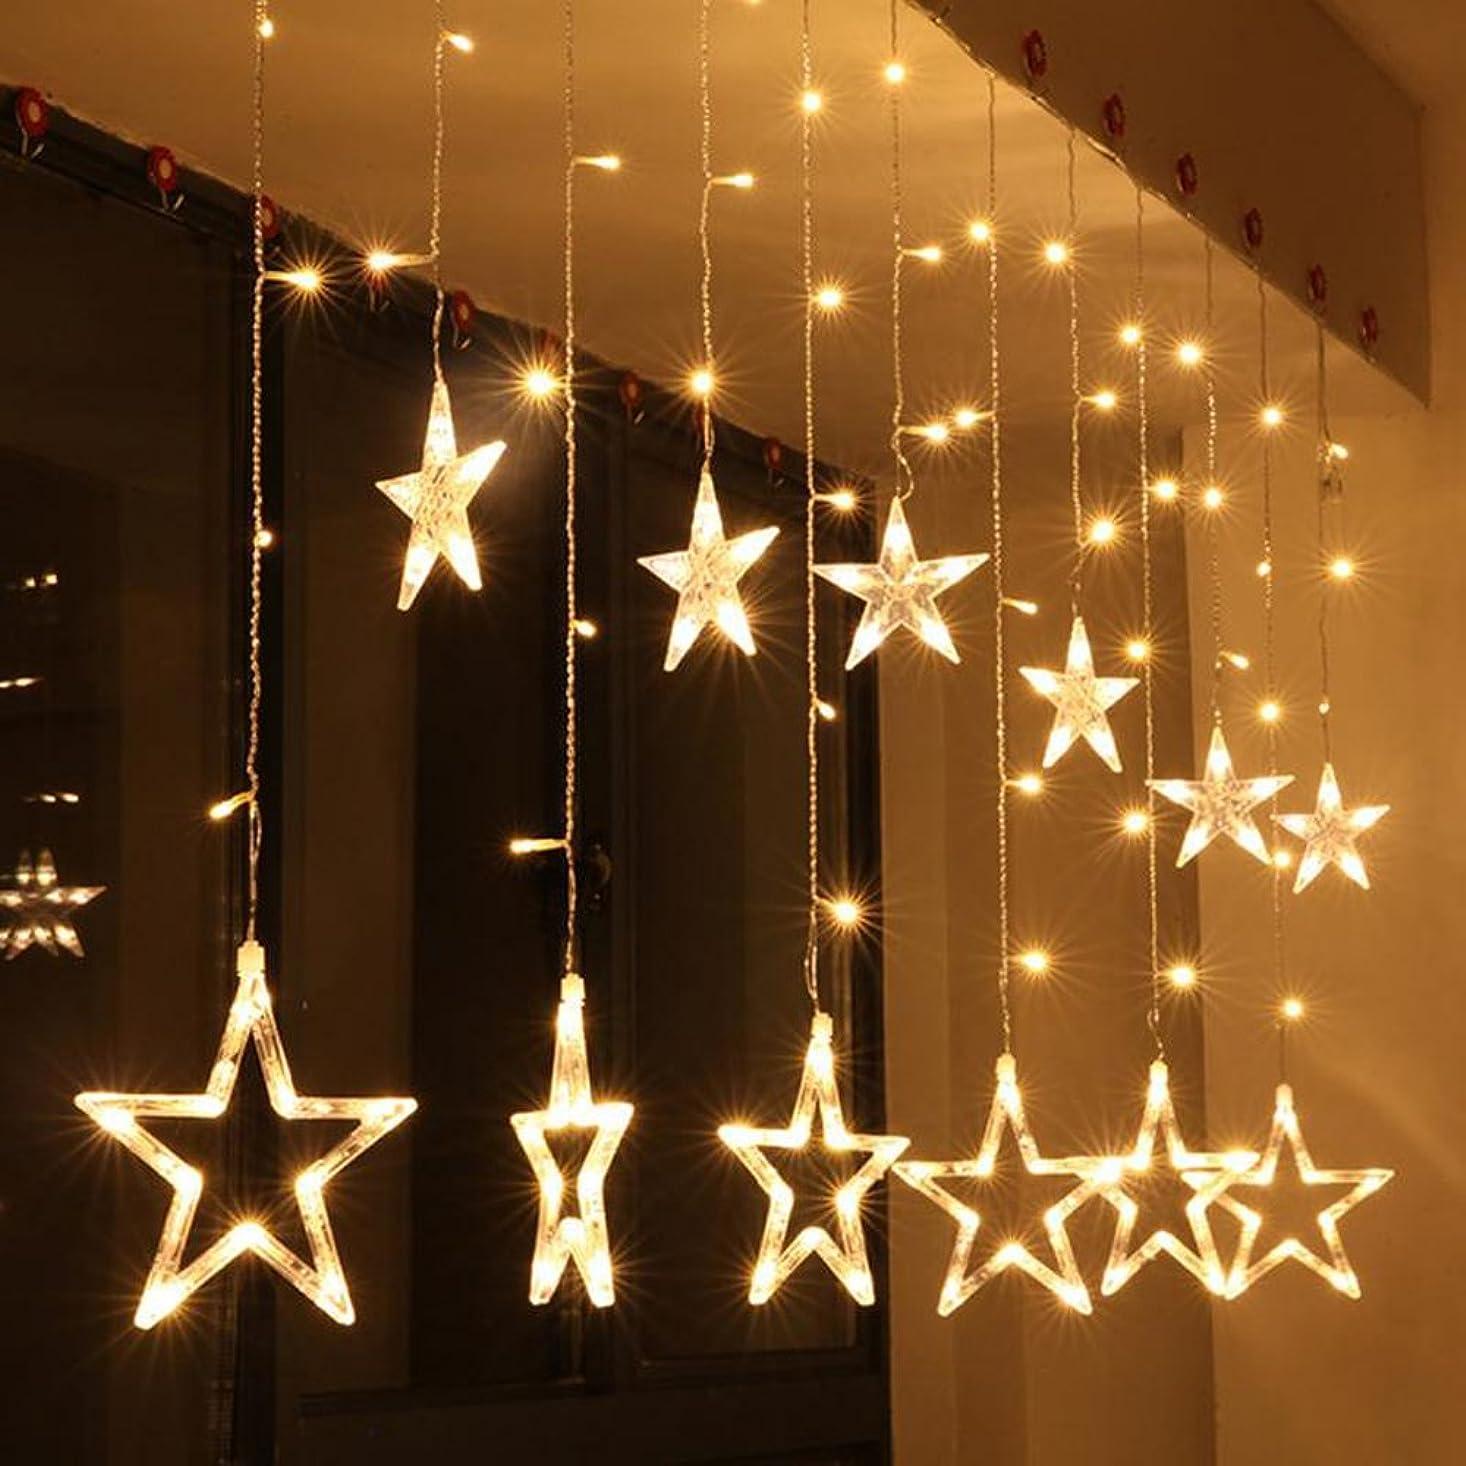 売り手立方体負荷LEDイルミネーション 10m 屋内用 屋外用 ストレート LED 100球 10m 防水 防雨 クリスマス飾り 電飾ライト 連結可 コンセント式 防滴 高輝度 電飾 飾り付け ツリー 結婚式 イルミネーション (レッド)